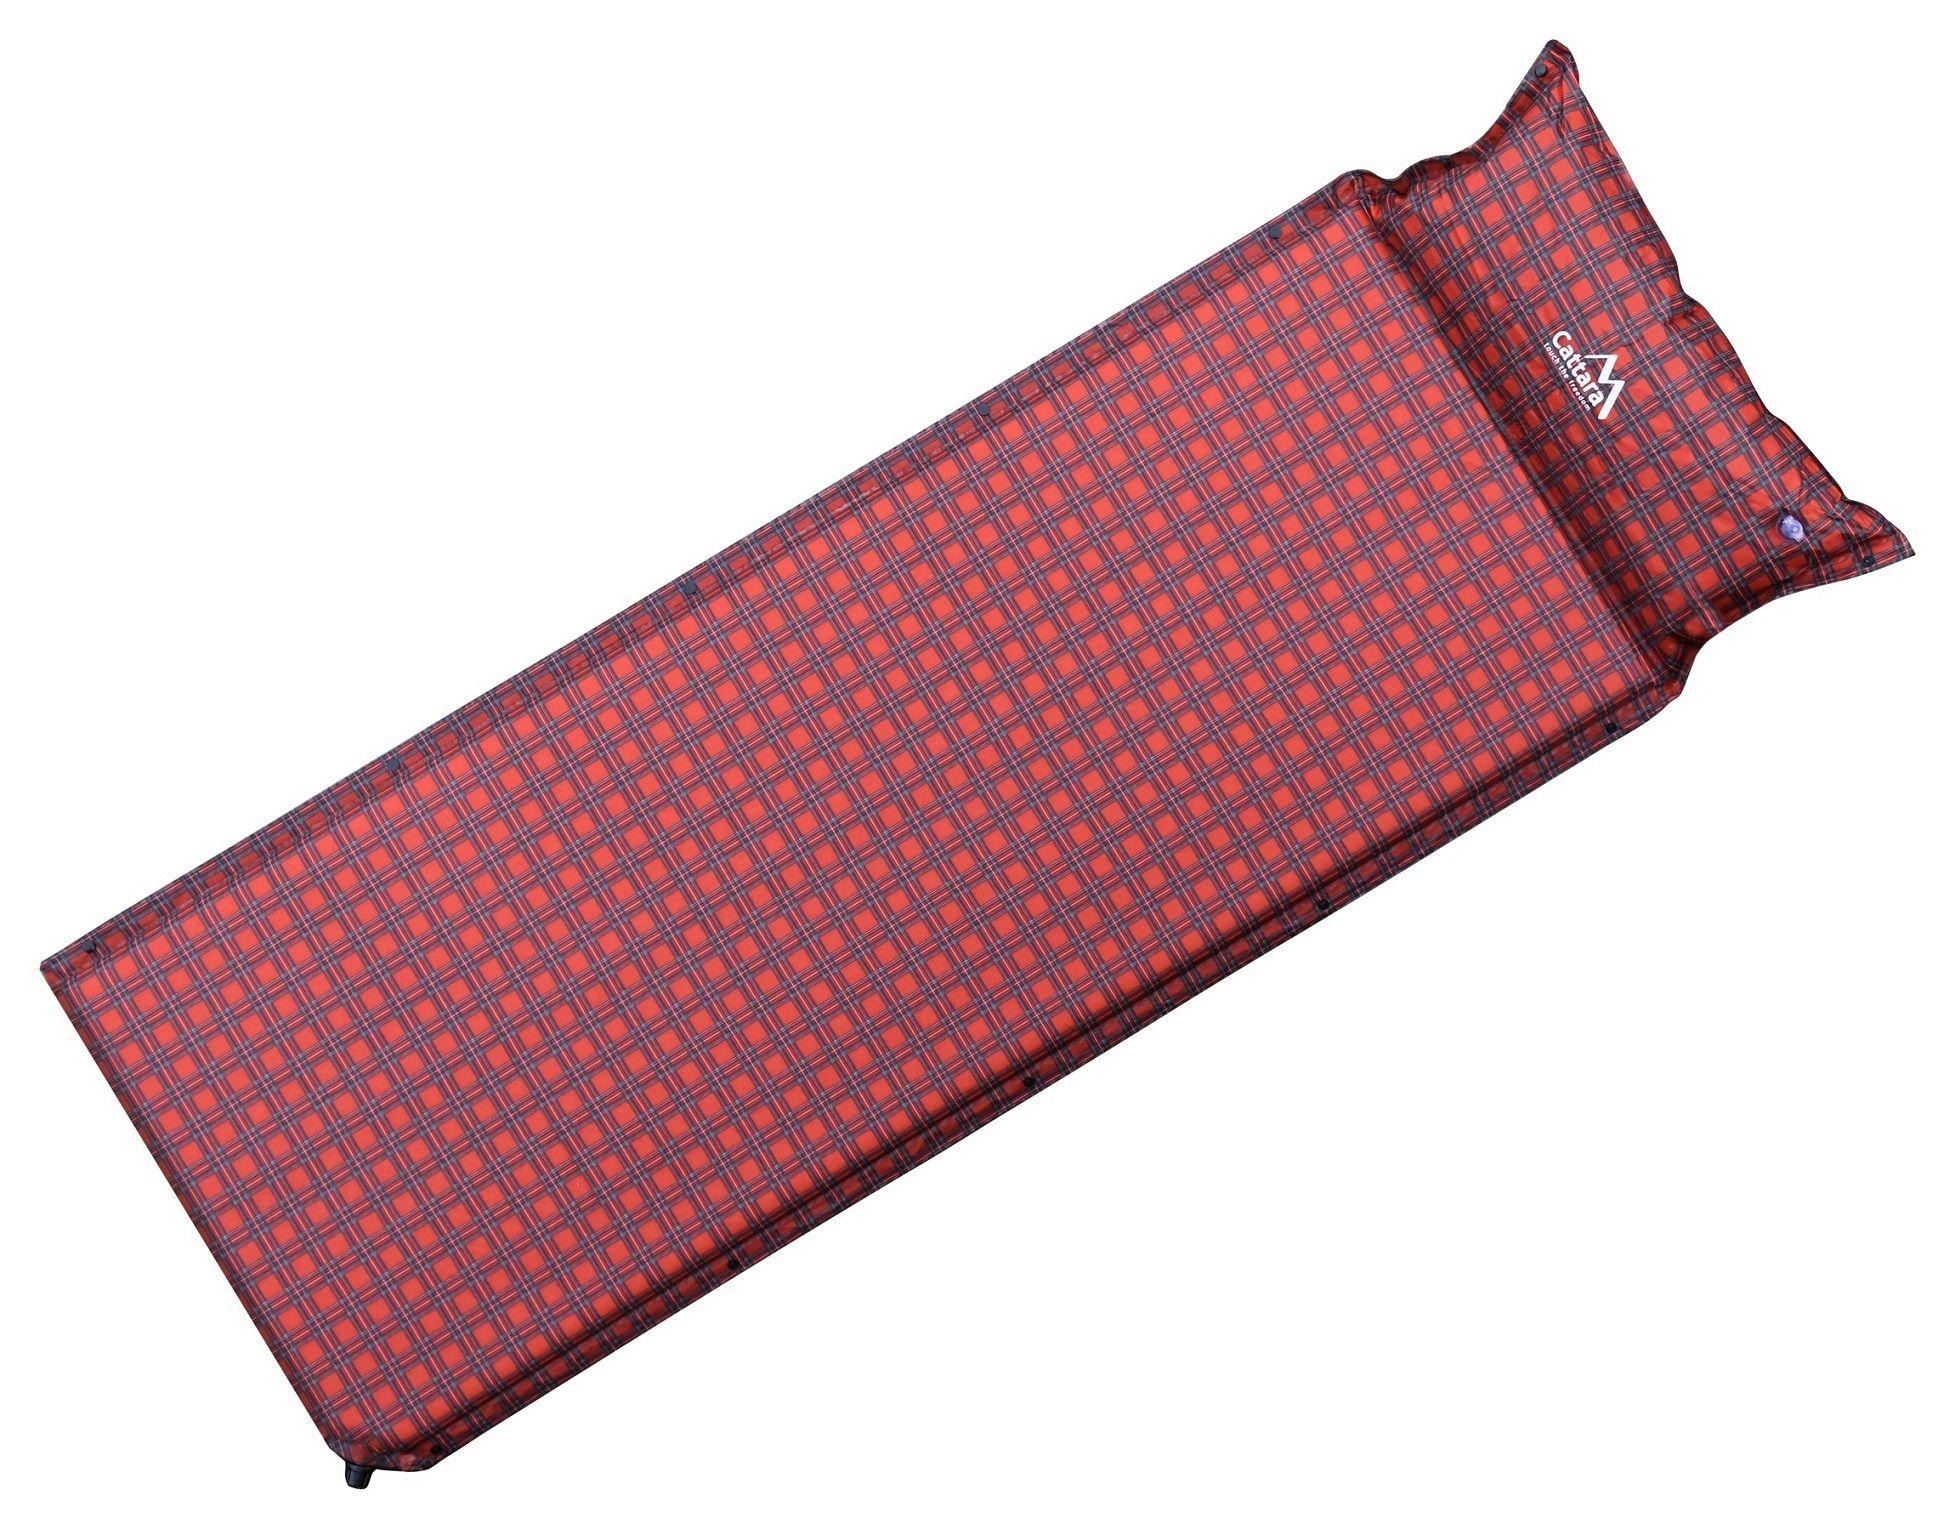 Karimatka samonafukovací 190x60x3,8cm s polštářem KILT CATTARA